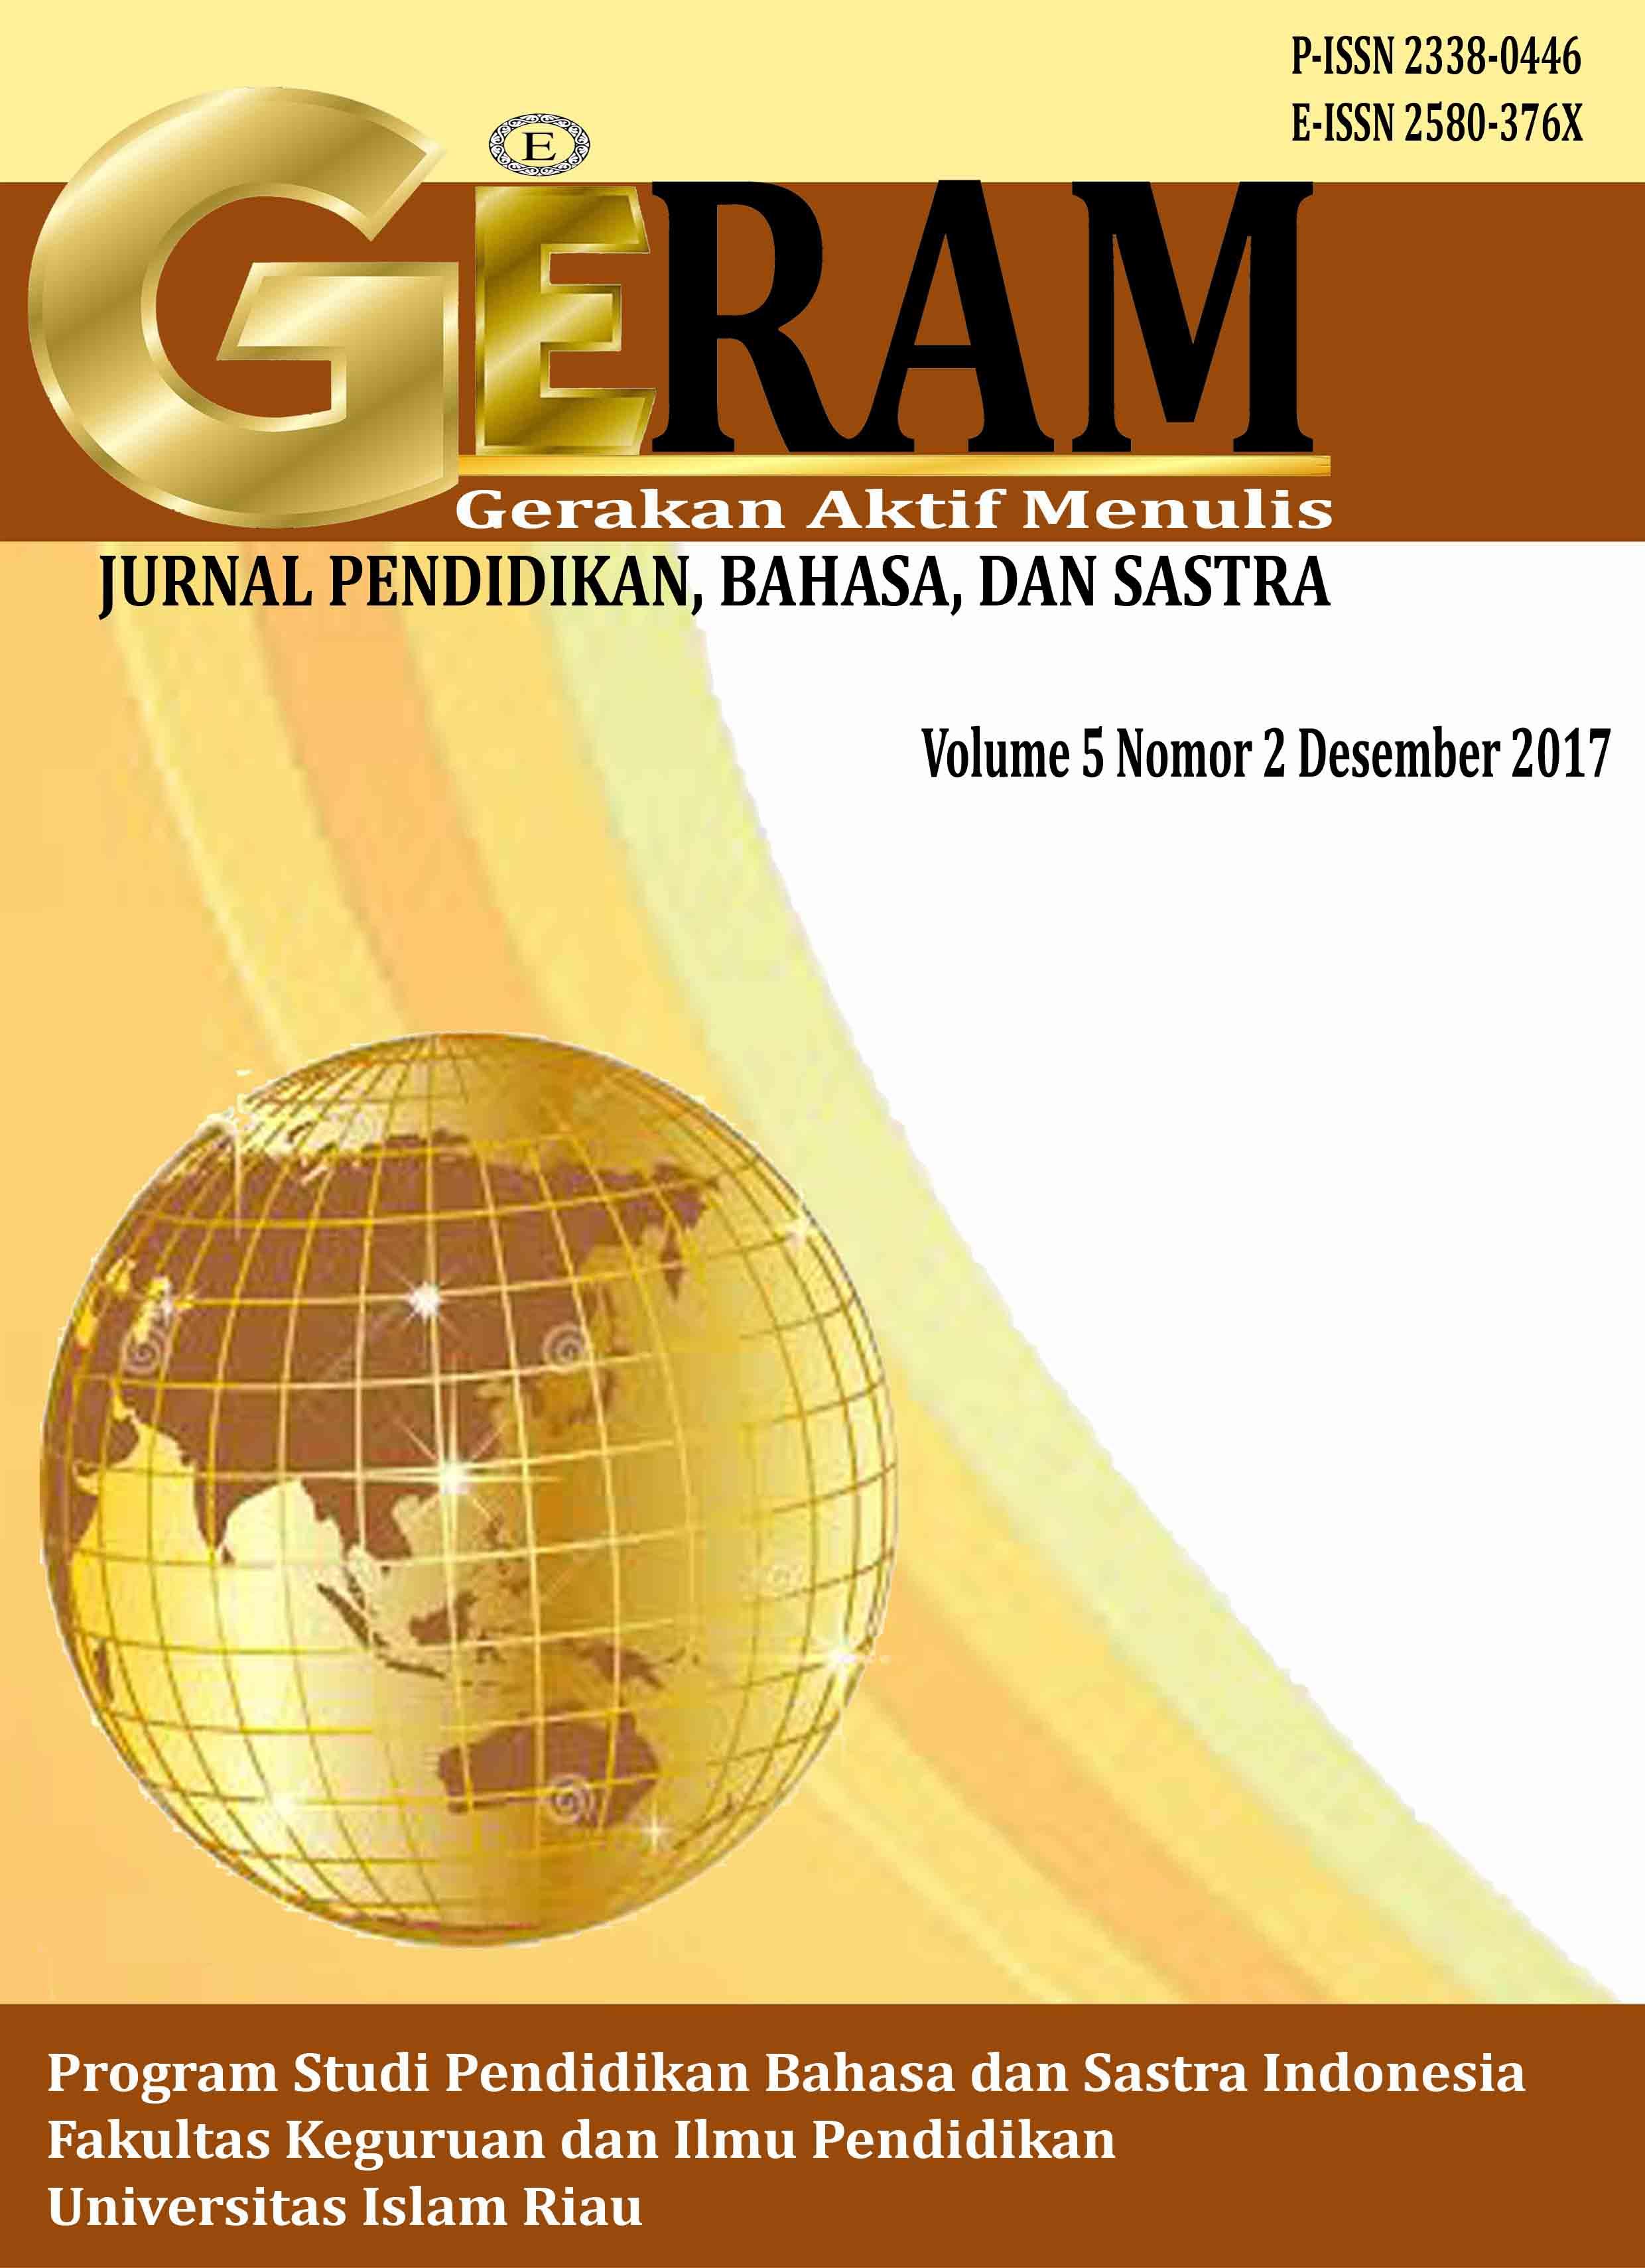 Vol 5 No 2 2017 Geram Gerakan Aktif Menulis Geram